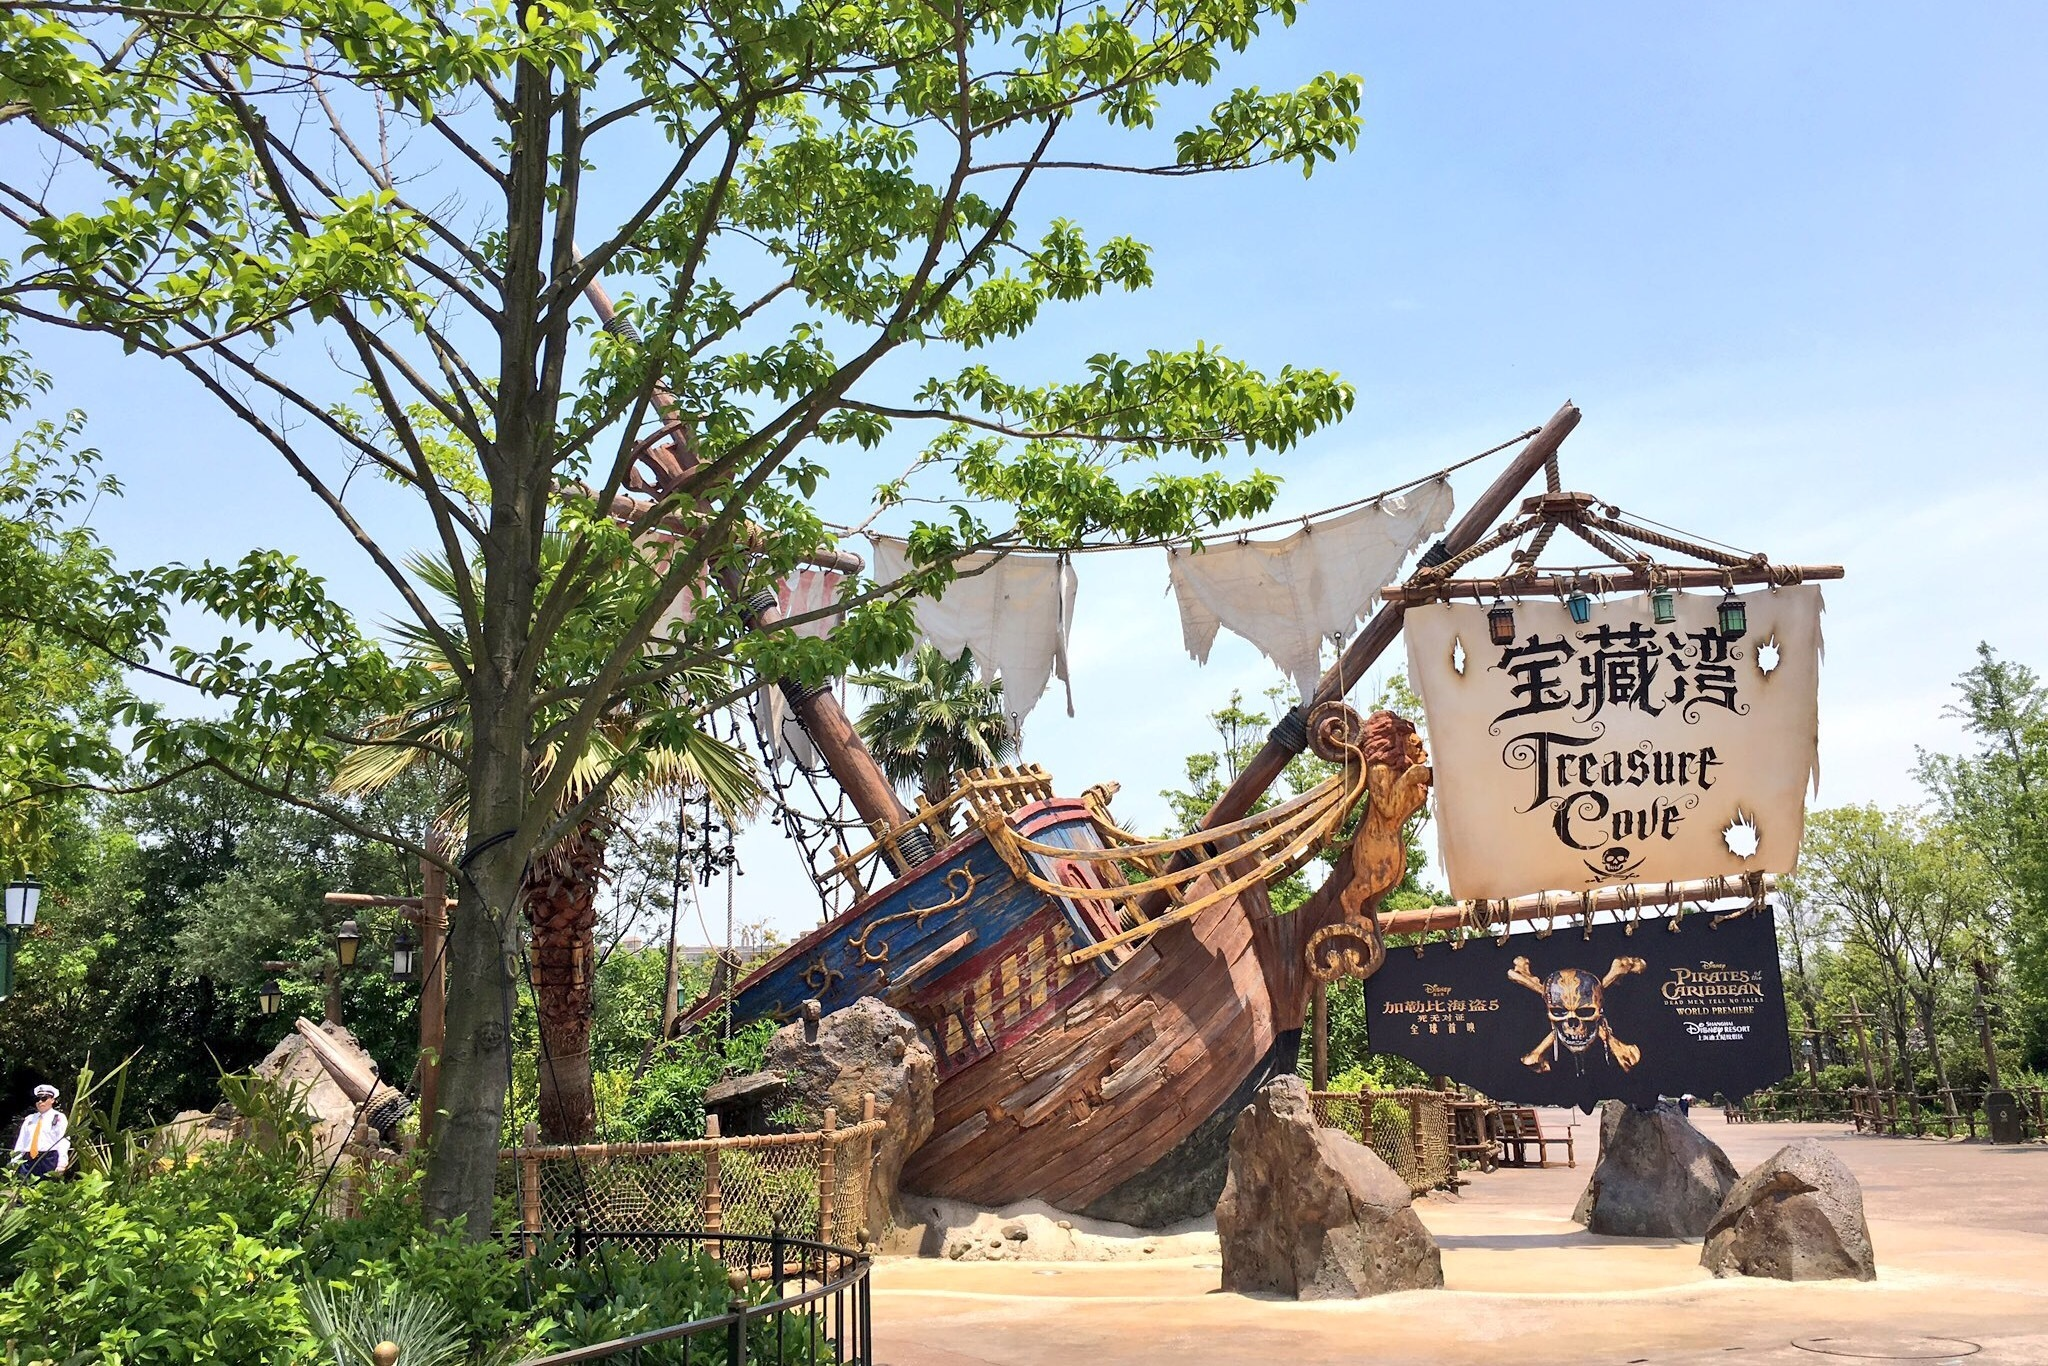 トレジャー・コーブ内の海賊船 撮影=村田 由美子